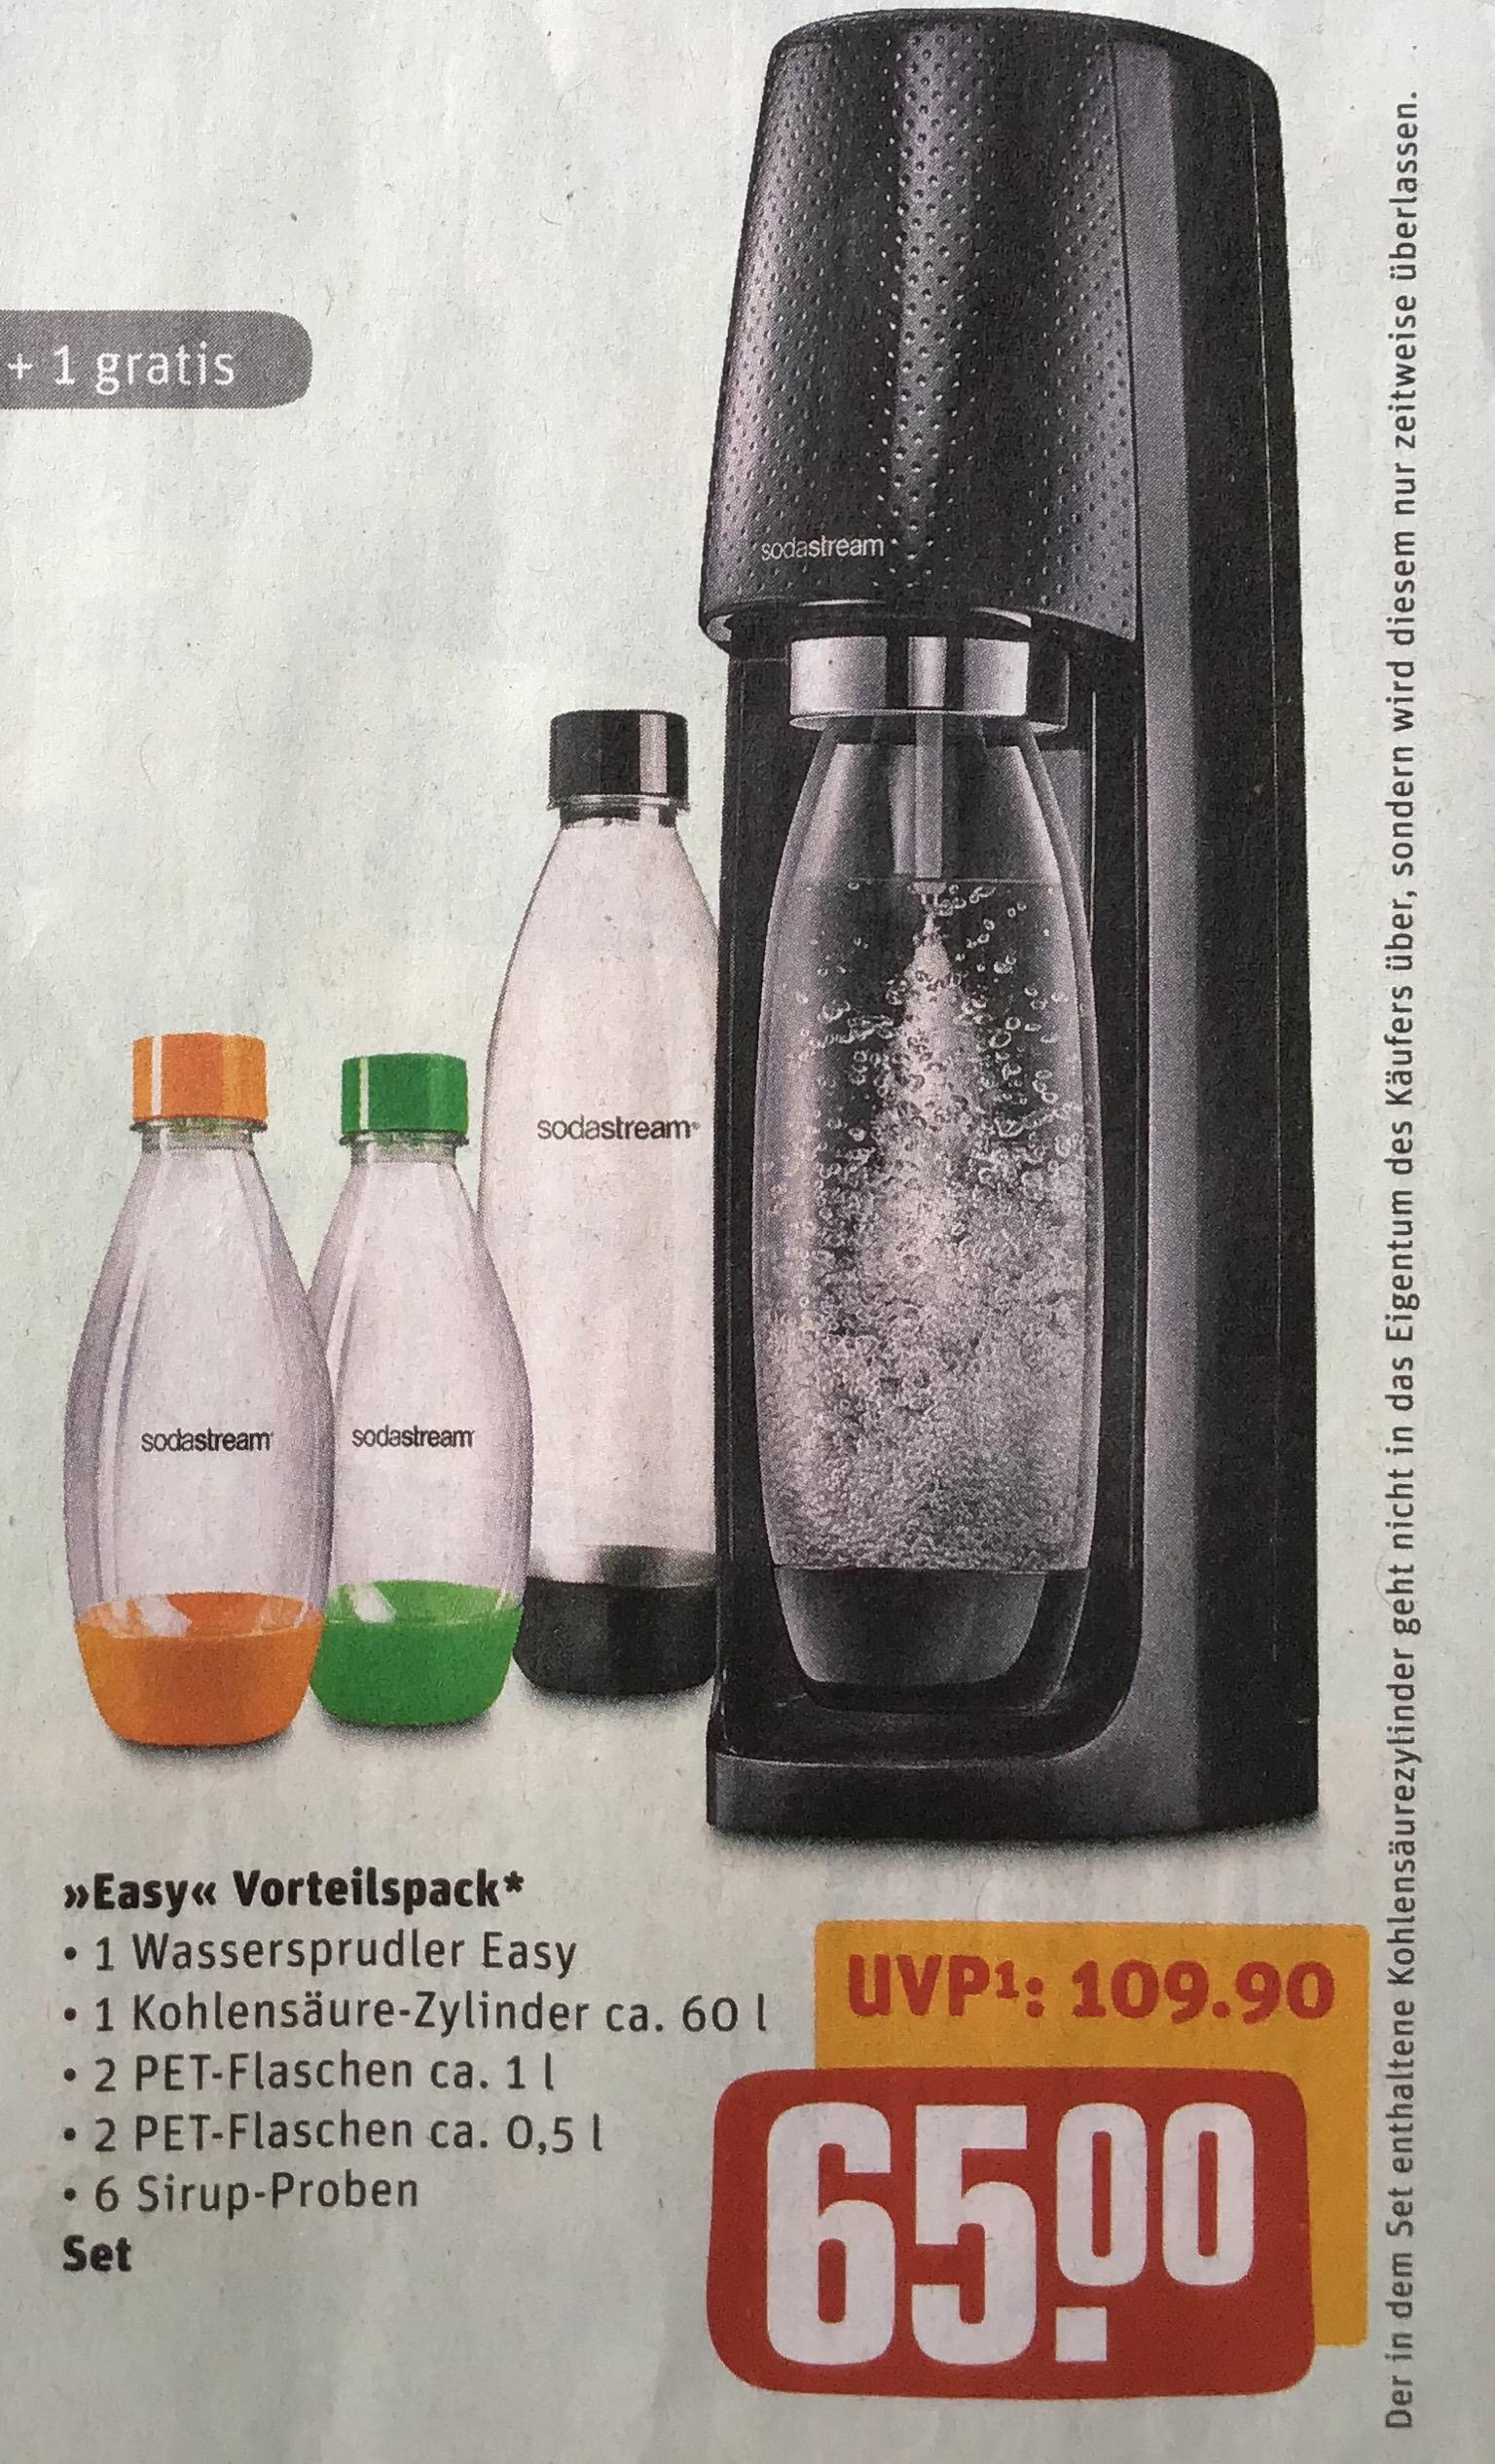 SodaStream >>Easy<< Vorteilspack